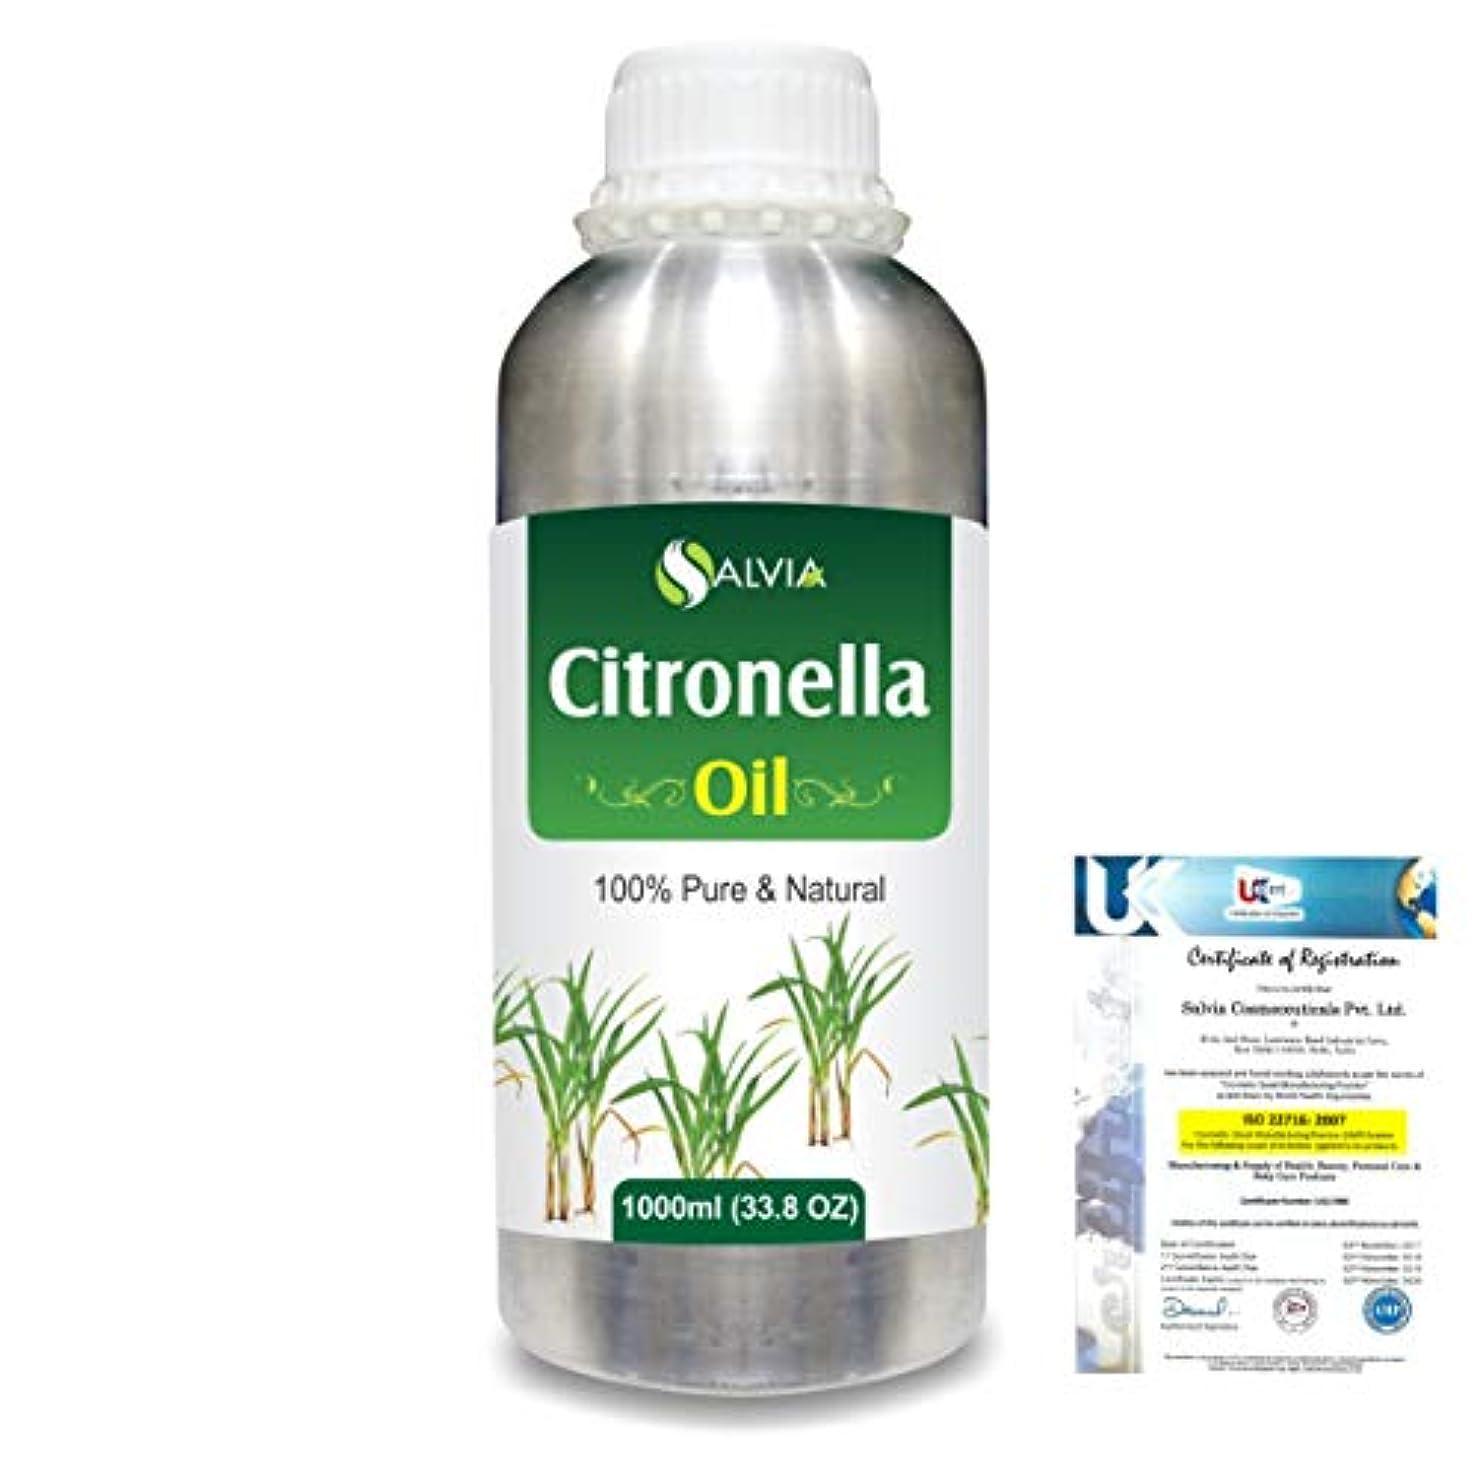 シルエット霜配管工Citronella (Cymbopogon nardus) 100% Natural Pure Essential Oil 1000ml/33.8fl.oz.